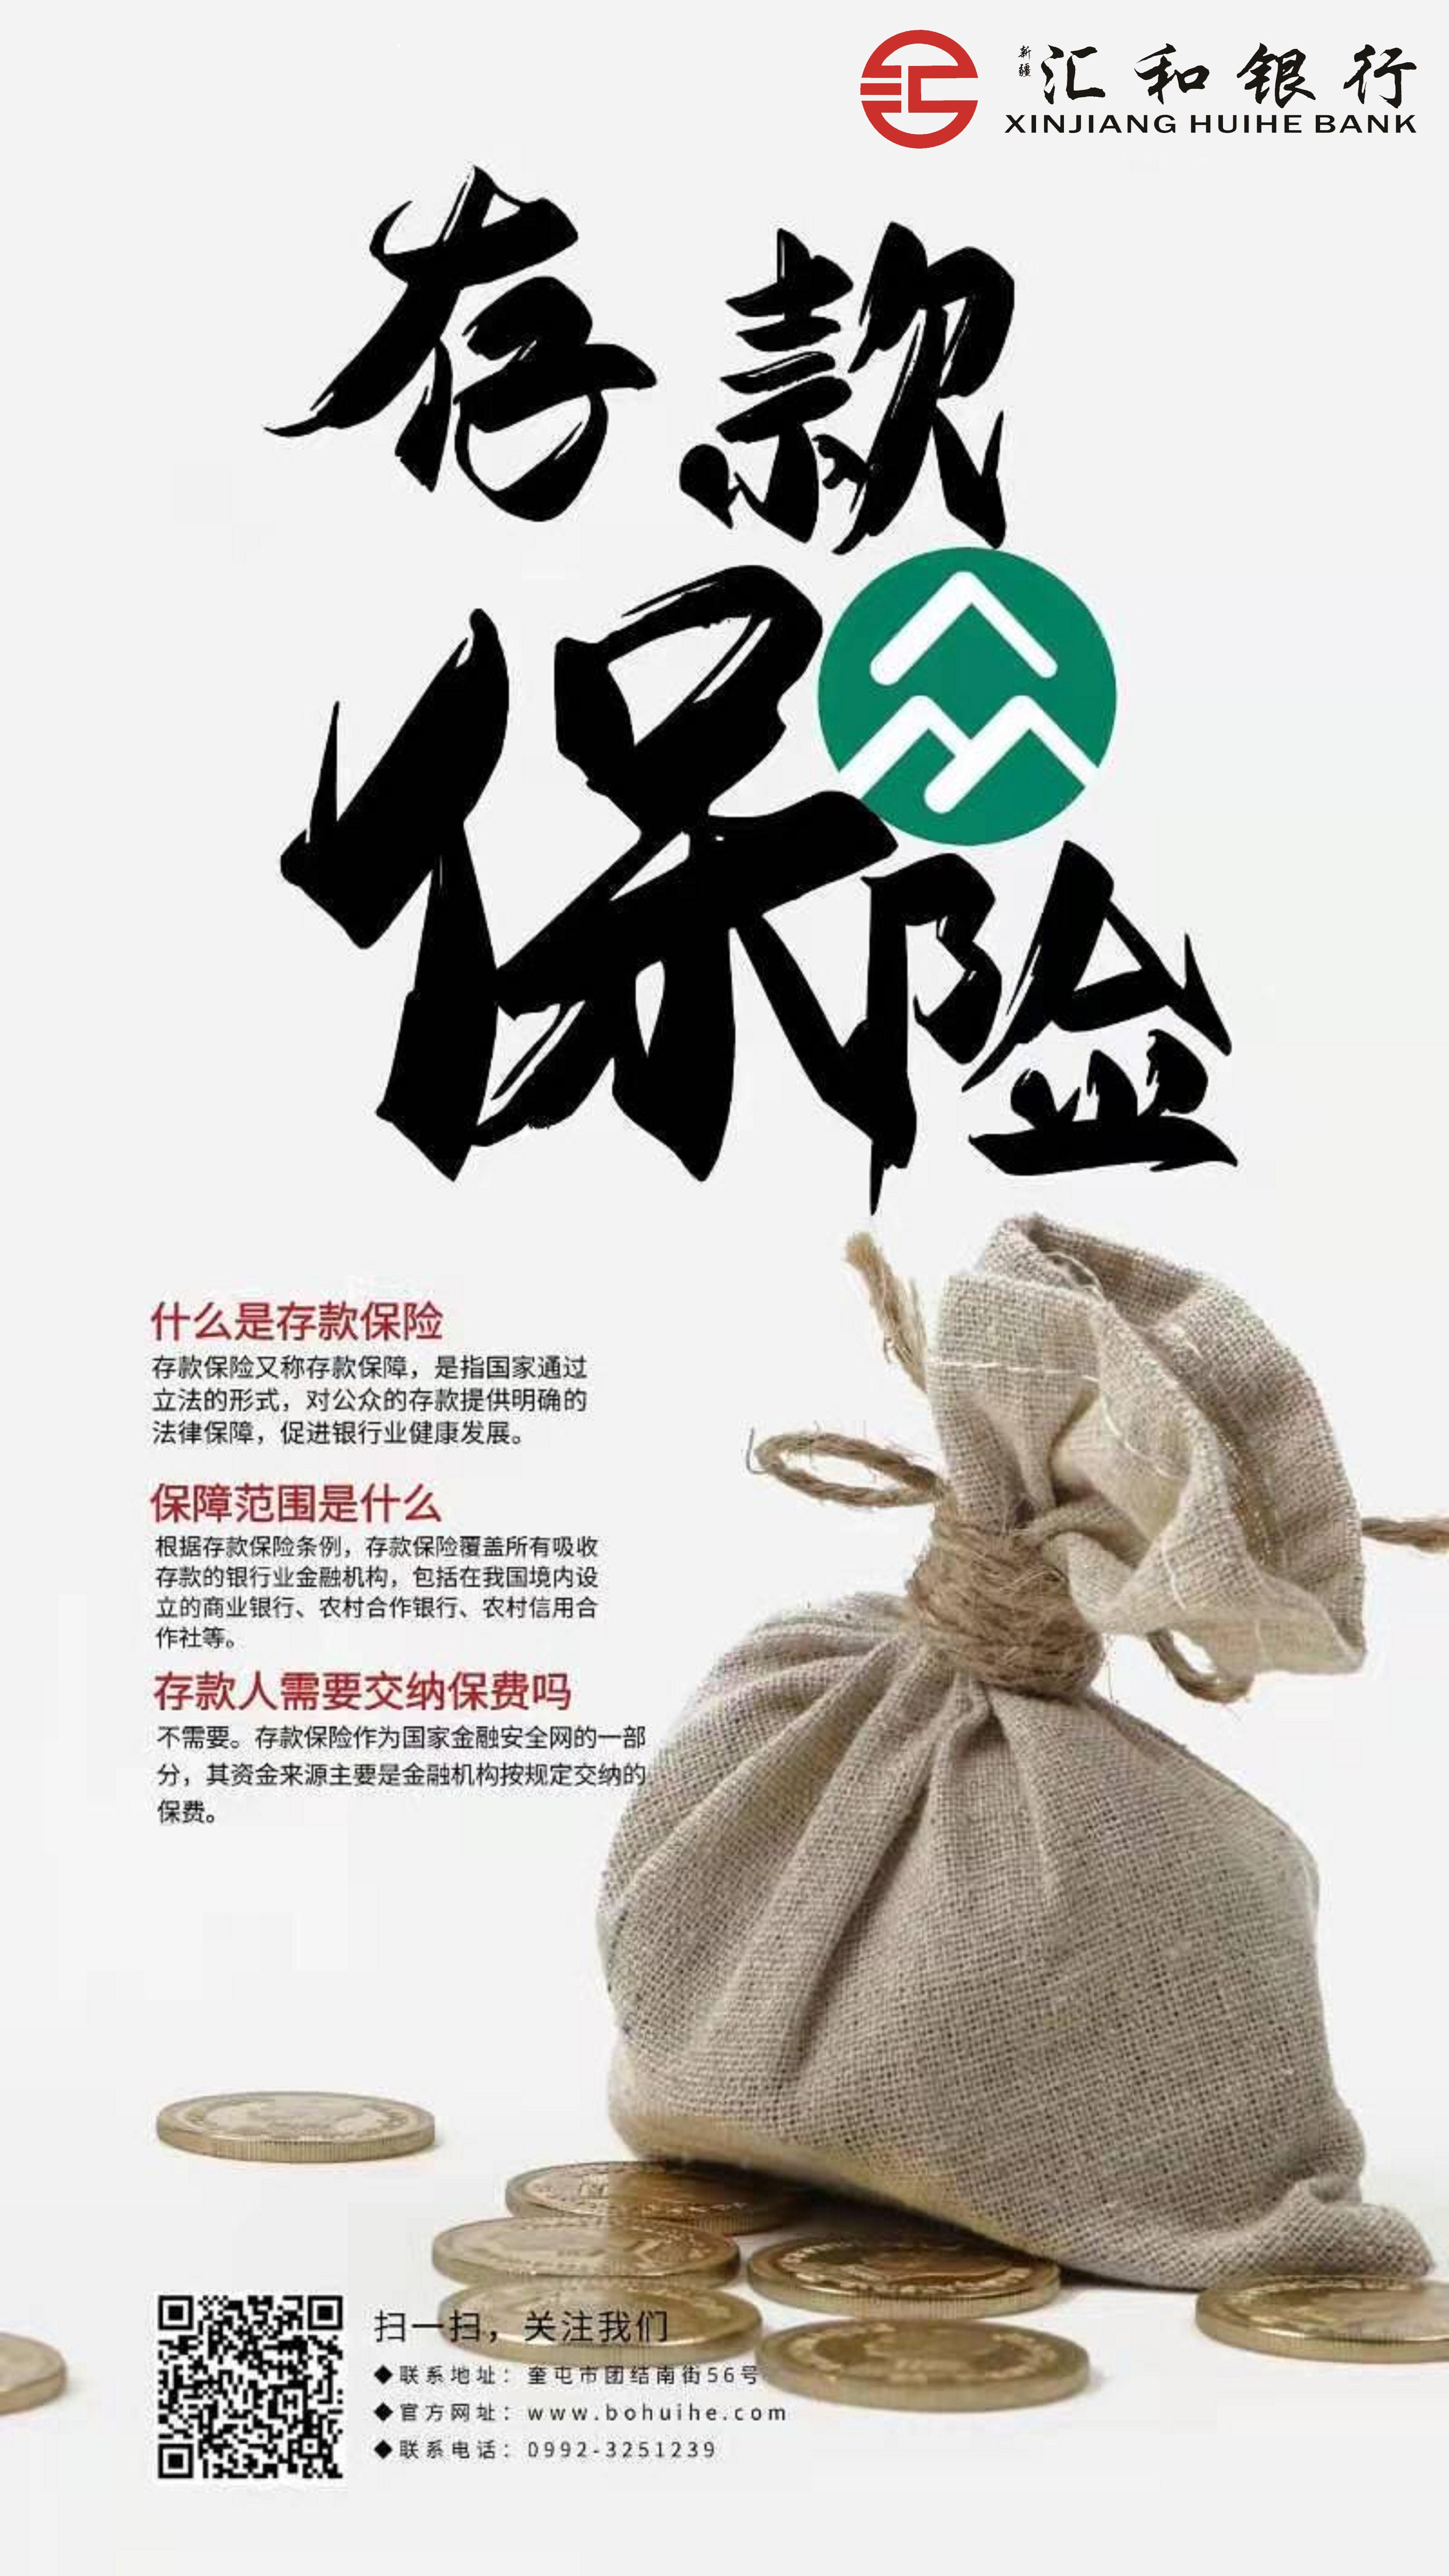 宣传海报-新疆汇和银行-朱文亮.jpg